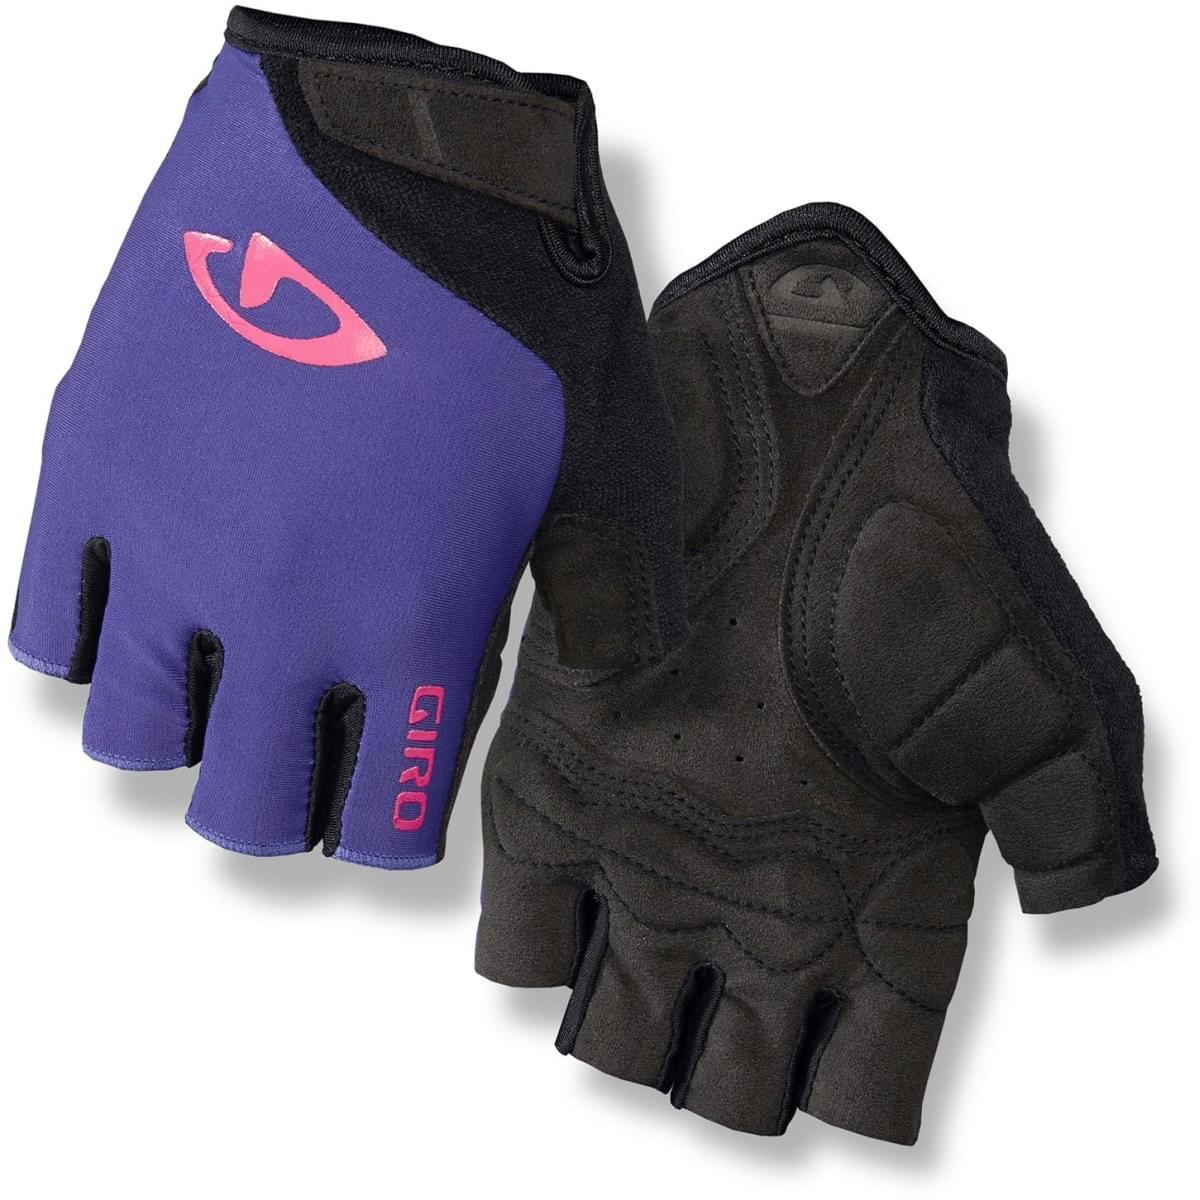 06949c4bd Dámské cyklistické rukavice Giro Jag'Ette - ultraviolet/bright pink ...